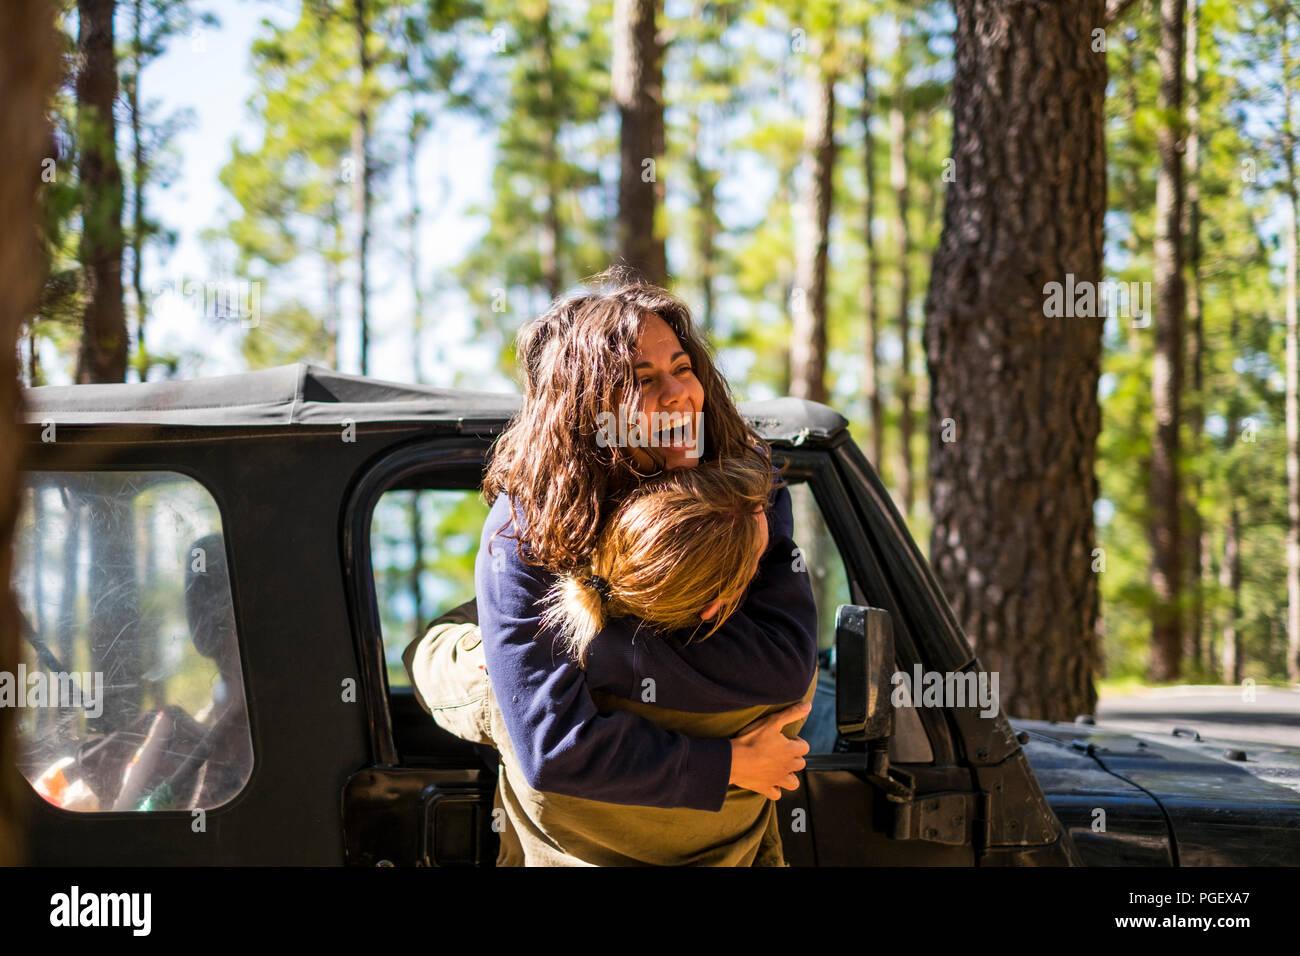 Felicidad durante la actividad de ocio al aire libre para parejas jóvenes caucásicos en el amor y la amistad. La mujer abrazo el hombre riendo mucho y disfrutando del LIF Imagen De Stock